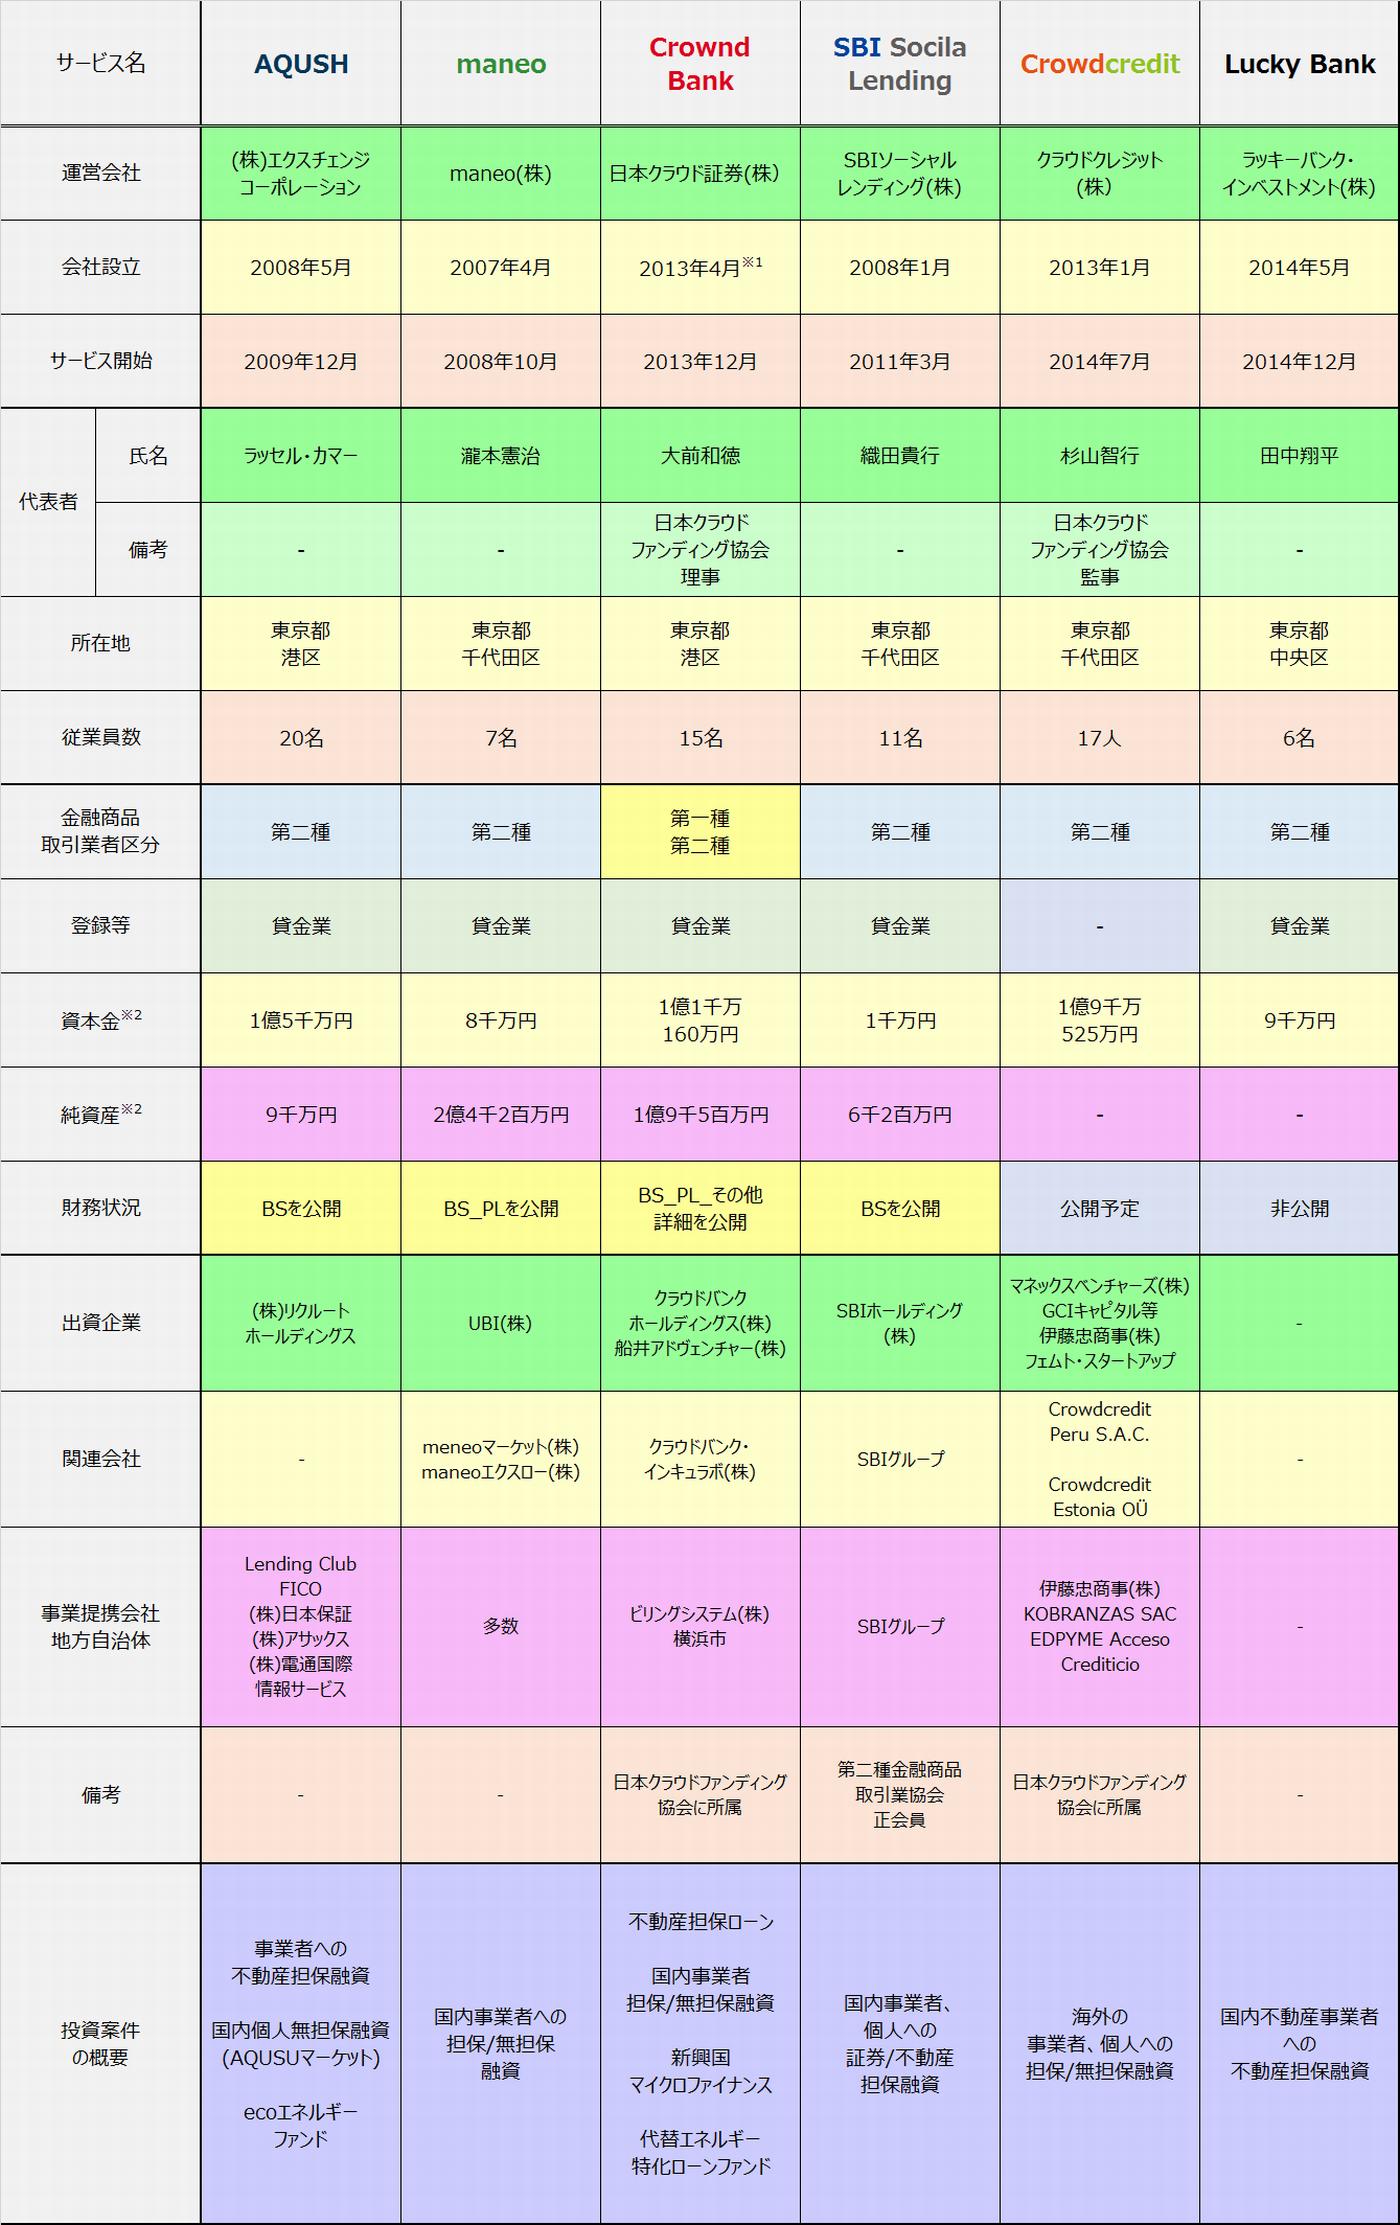 2015年6月時点ソーシャルレンディングサービス提供各社比較